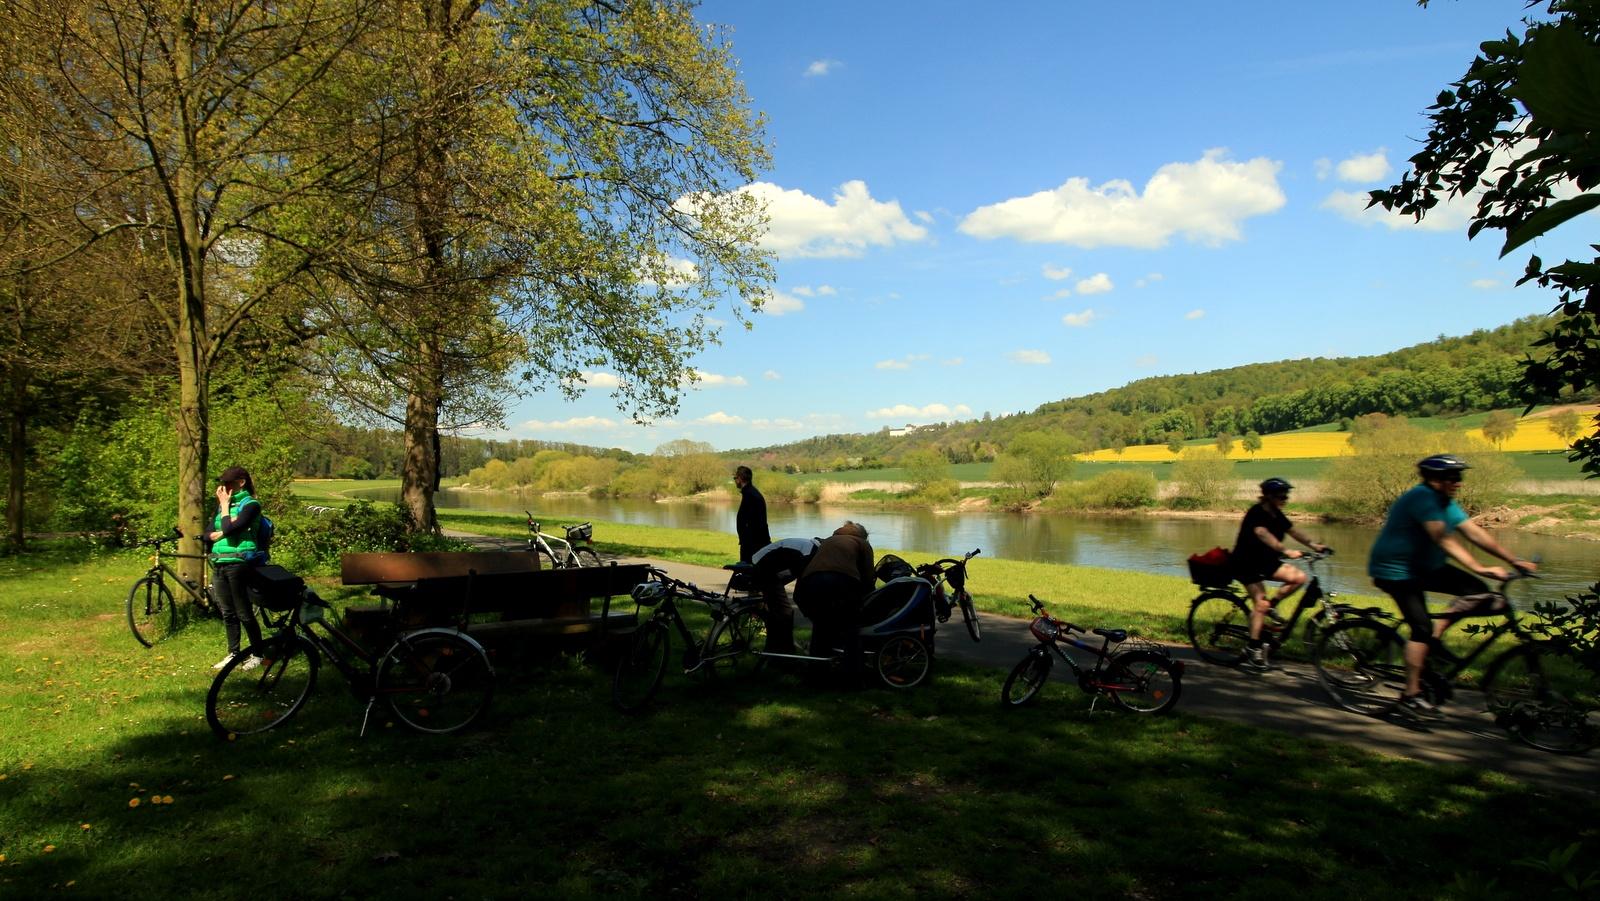 Wehrden Ruheplatz am Schlosspark und Weserradweg